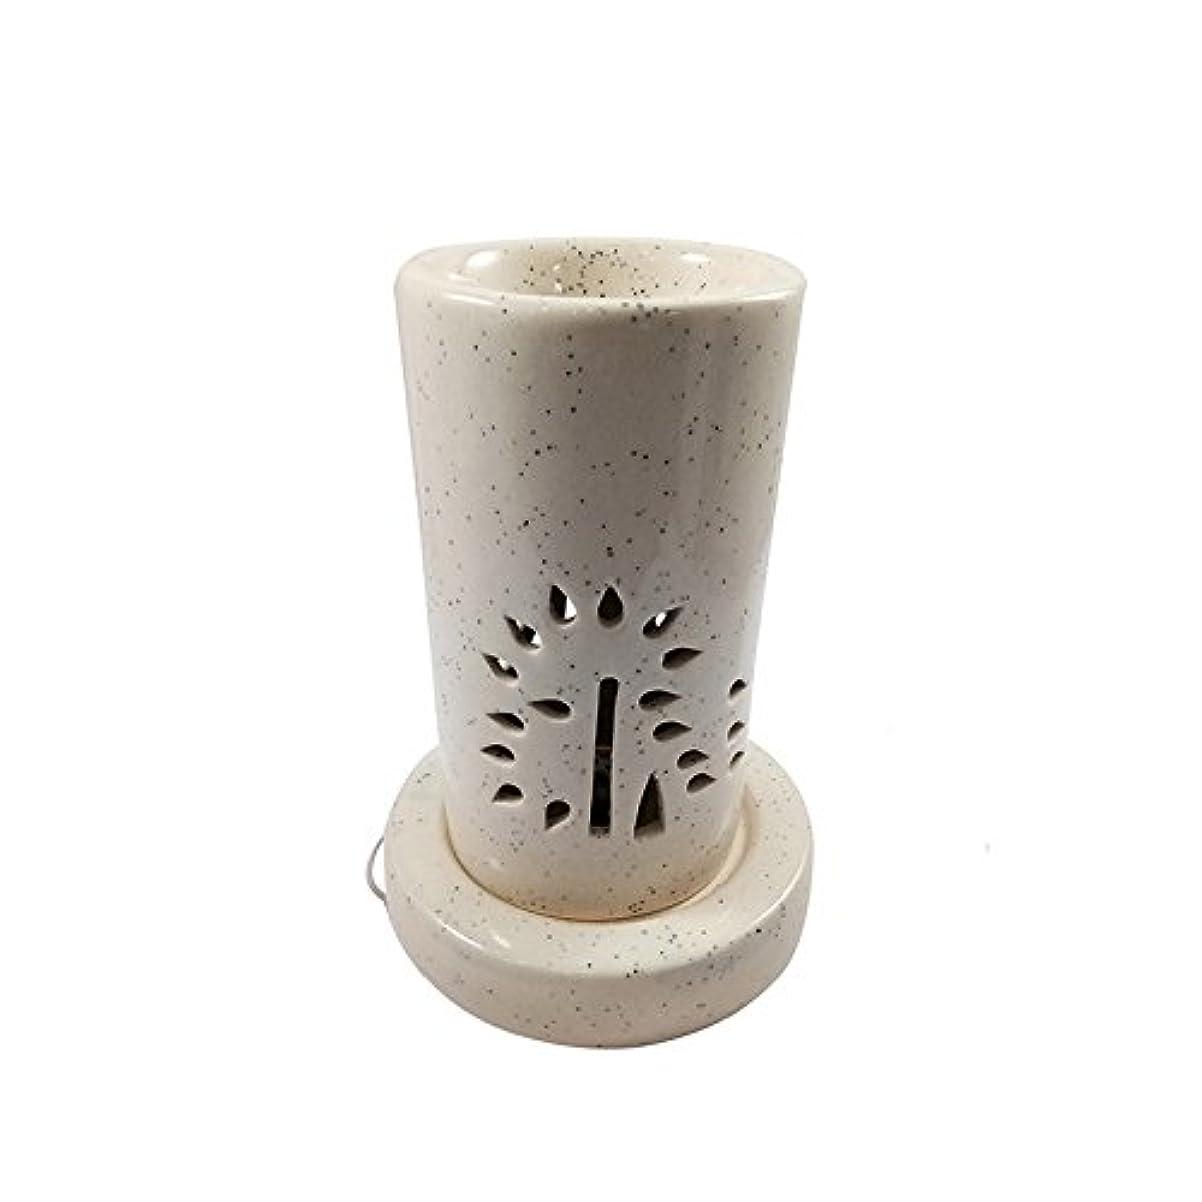 汗ピービッシュ皮肉ホームデコレーション定期的に使用する汚染のない手作りセラミックエスニックアロマディフューザーオイルバーナー|良質ブラウン色電気アロマテラピー香油暖かい数量1